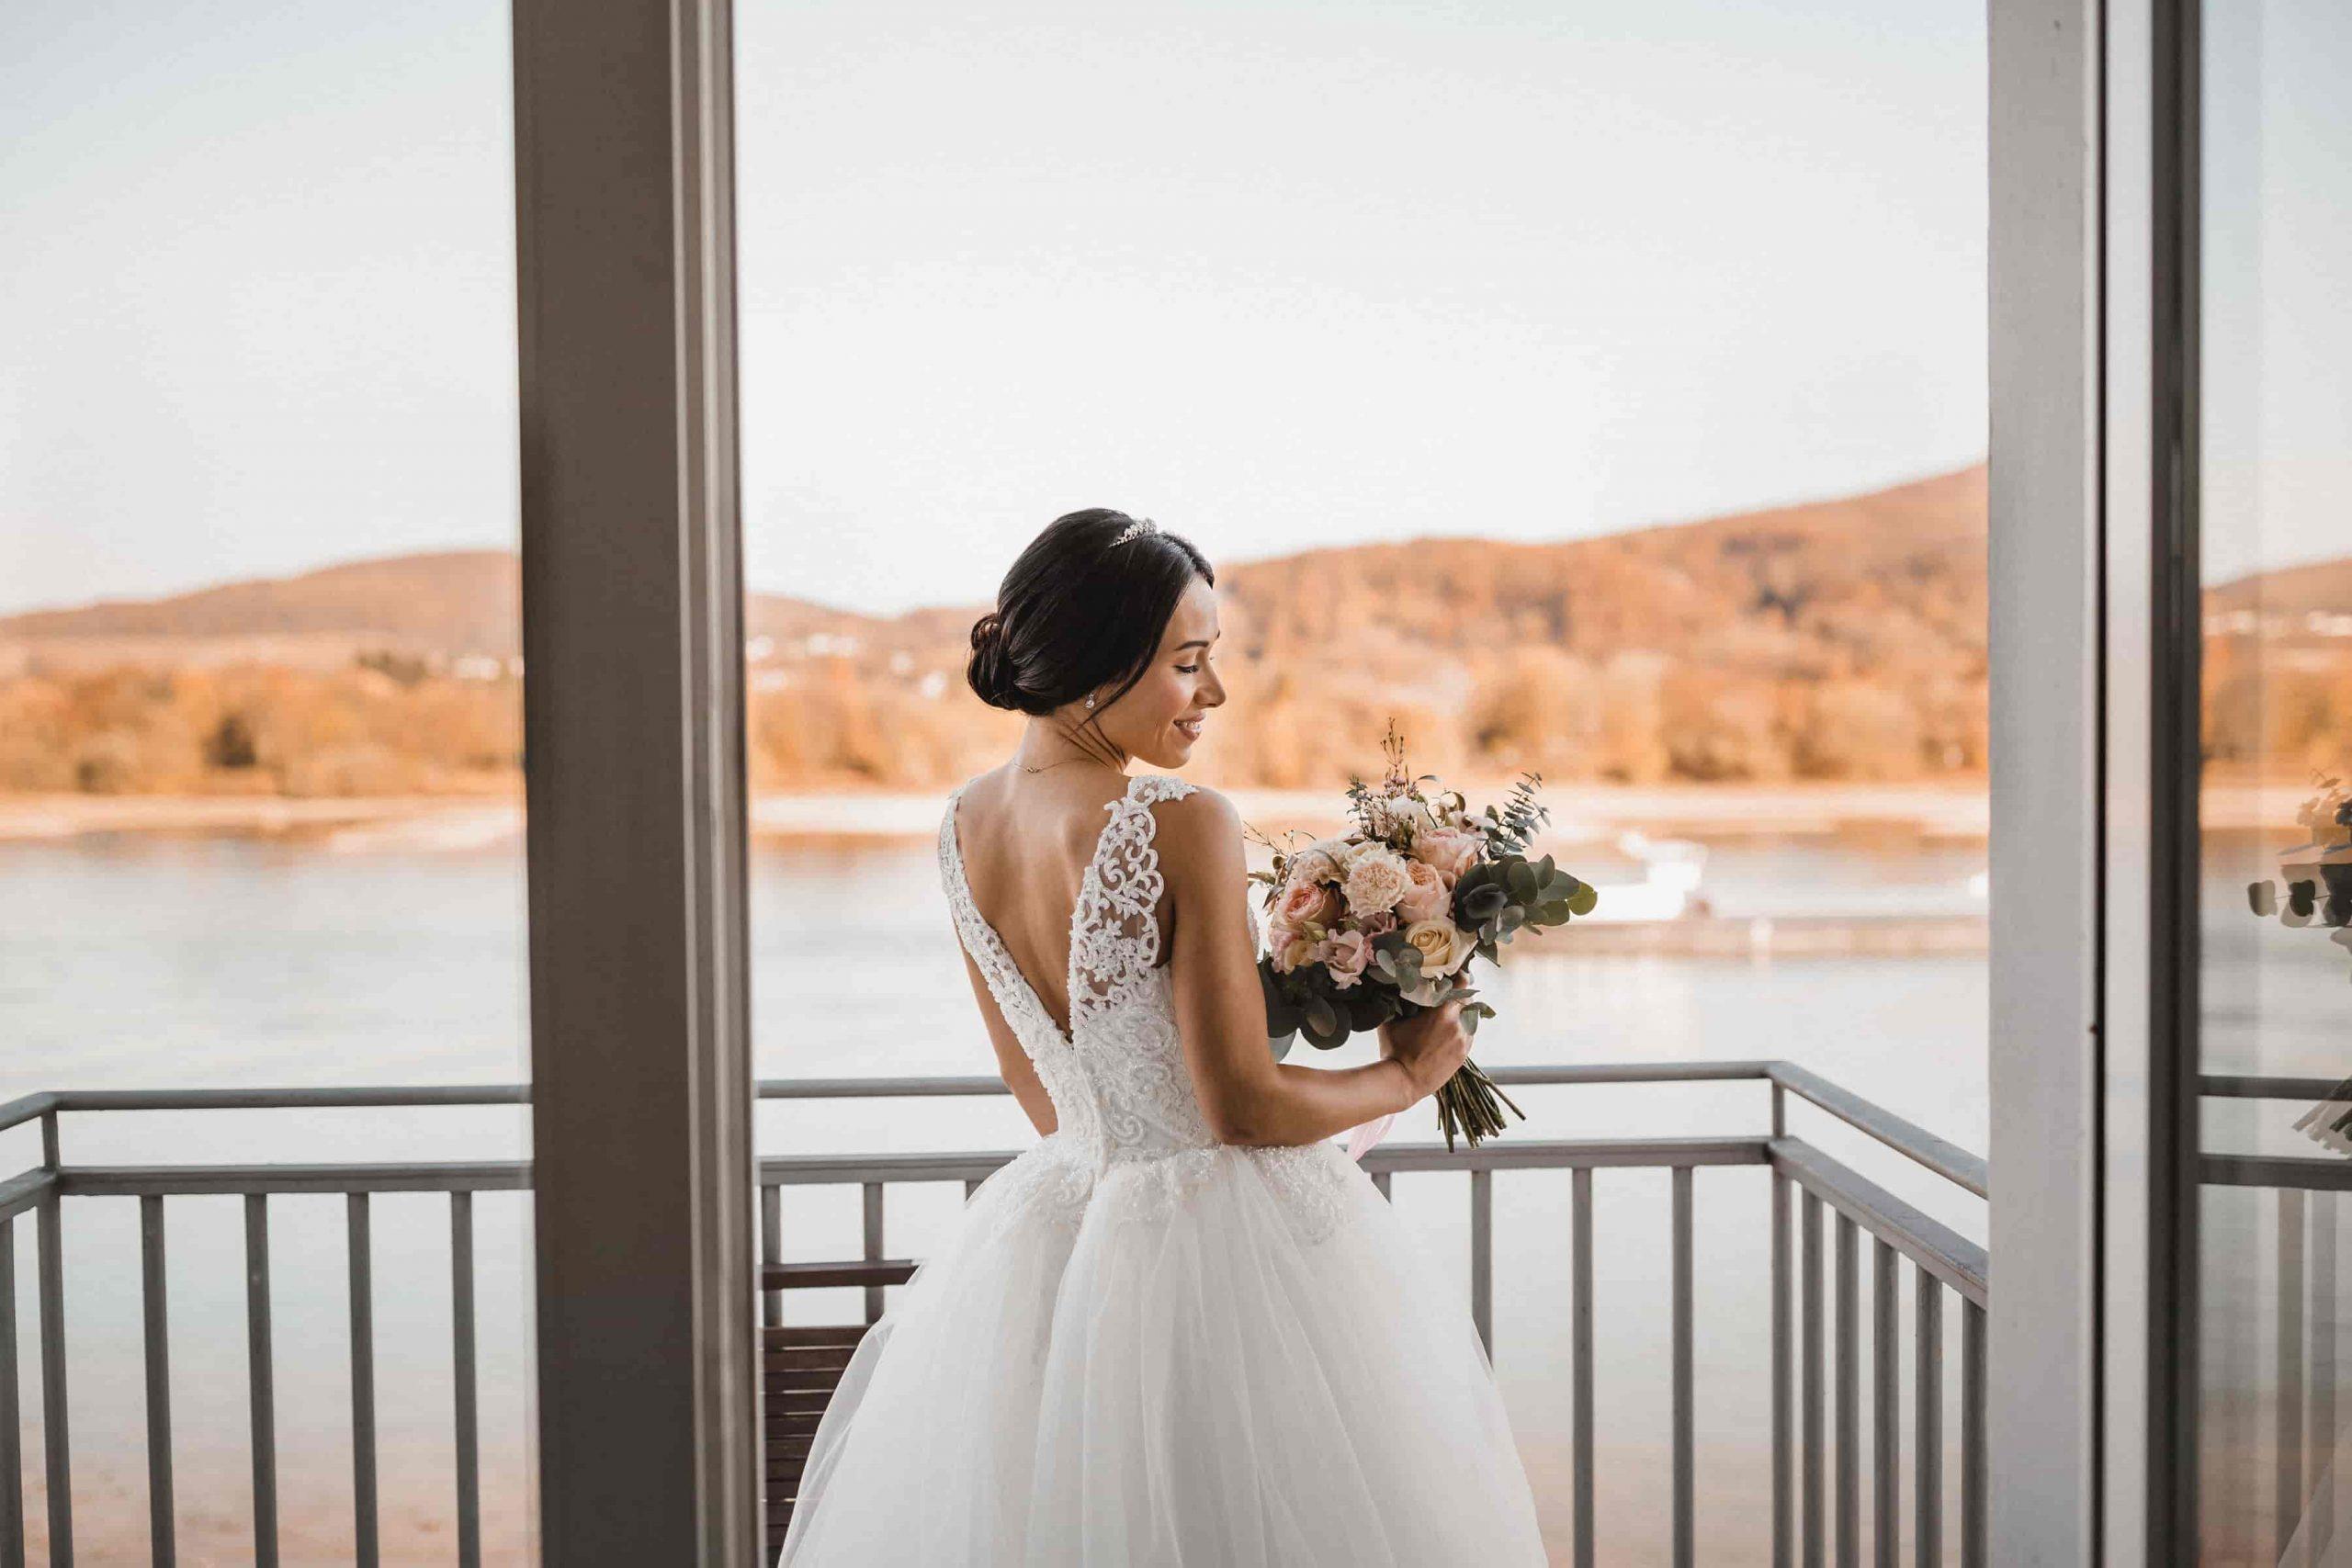 Hochzeitsplaner Düsseldorf | Wedding Planner Germany | Hochzeitsplaner Deutschland | Samira & Aleksandar | Persian-Croatian winter wedding